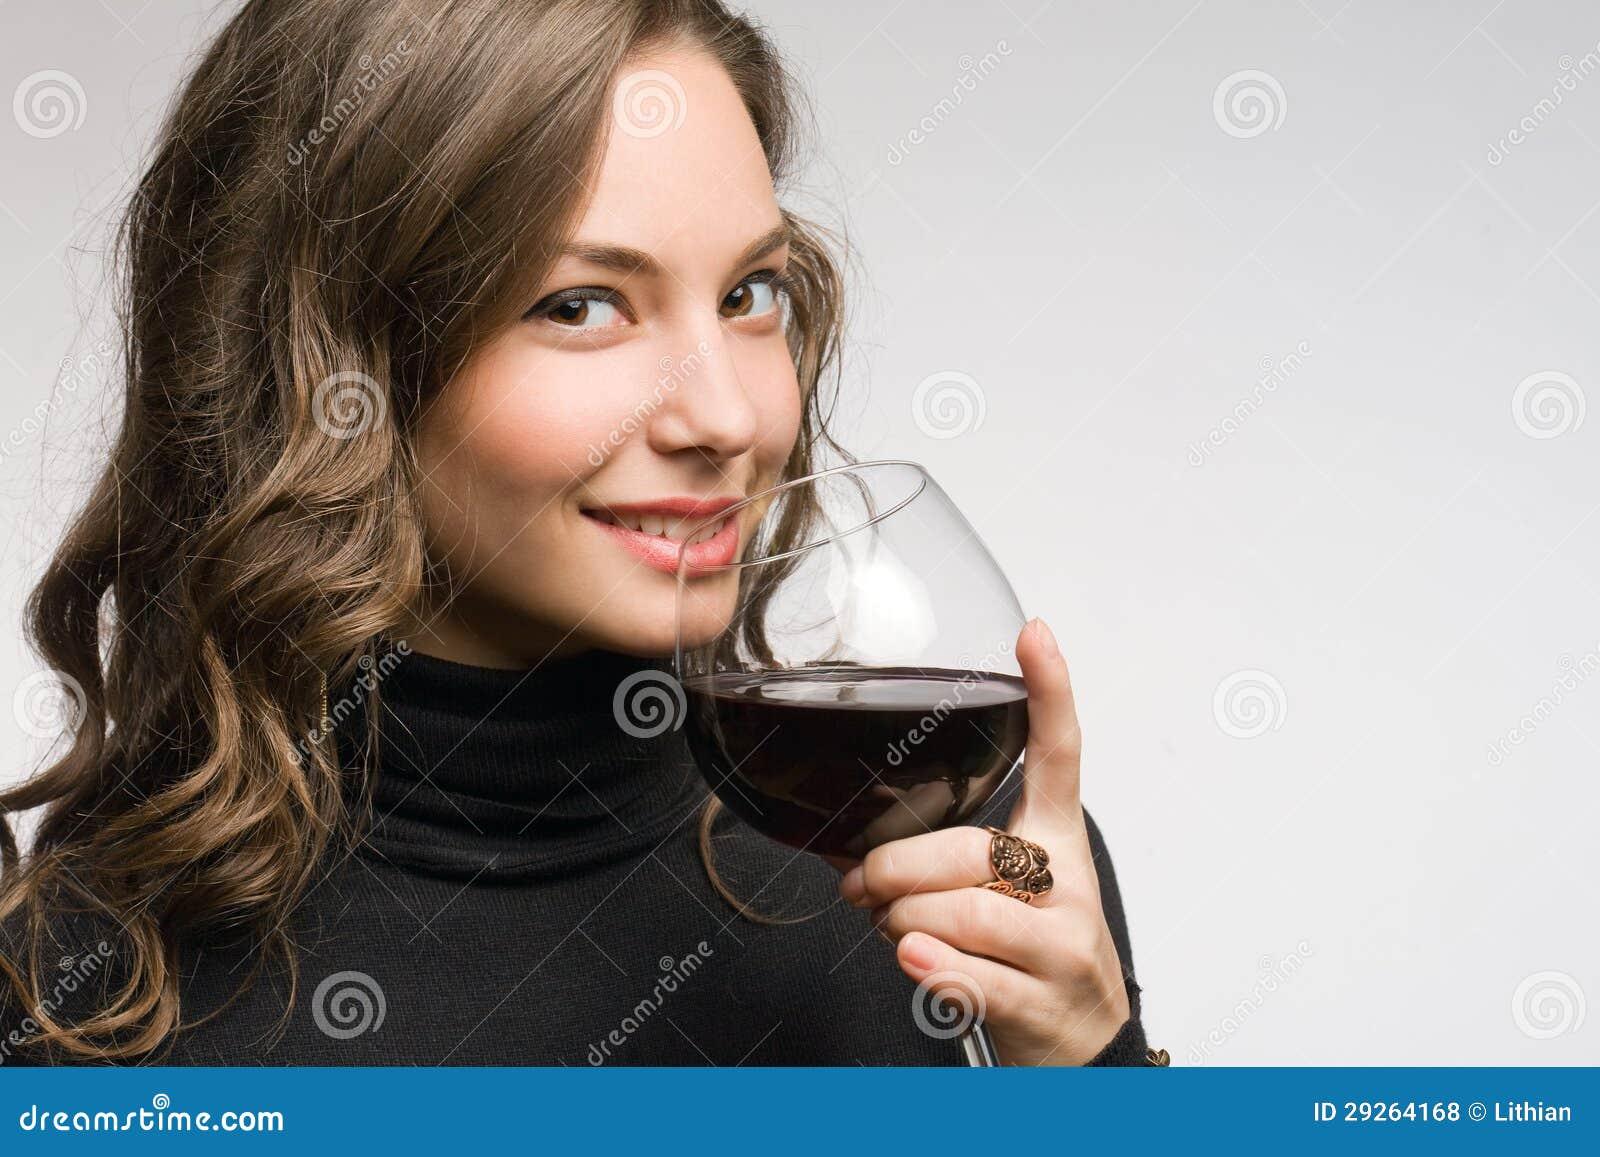 Δοκιμάζοντας μεγάλο κρασί.